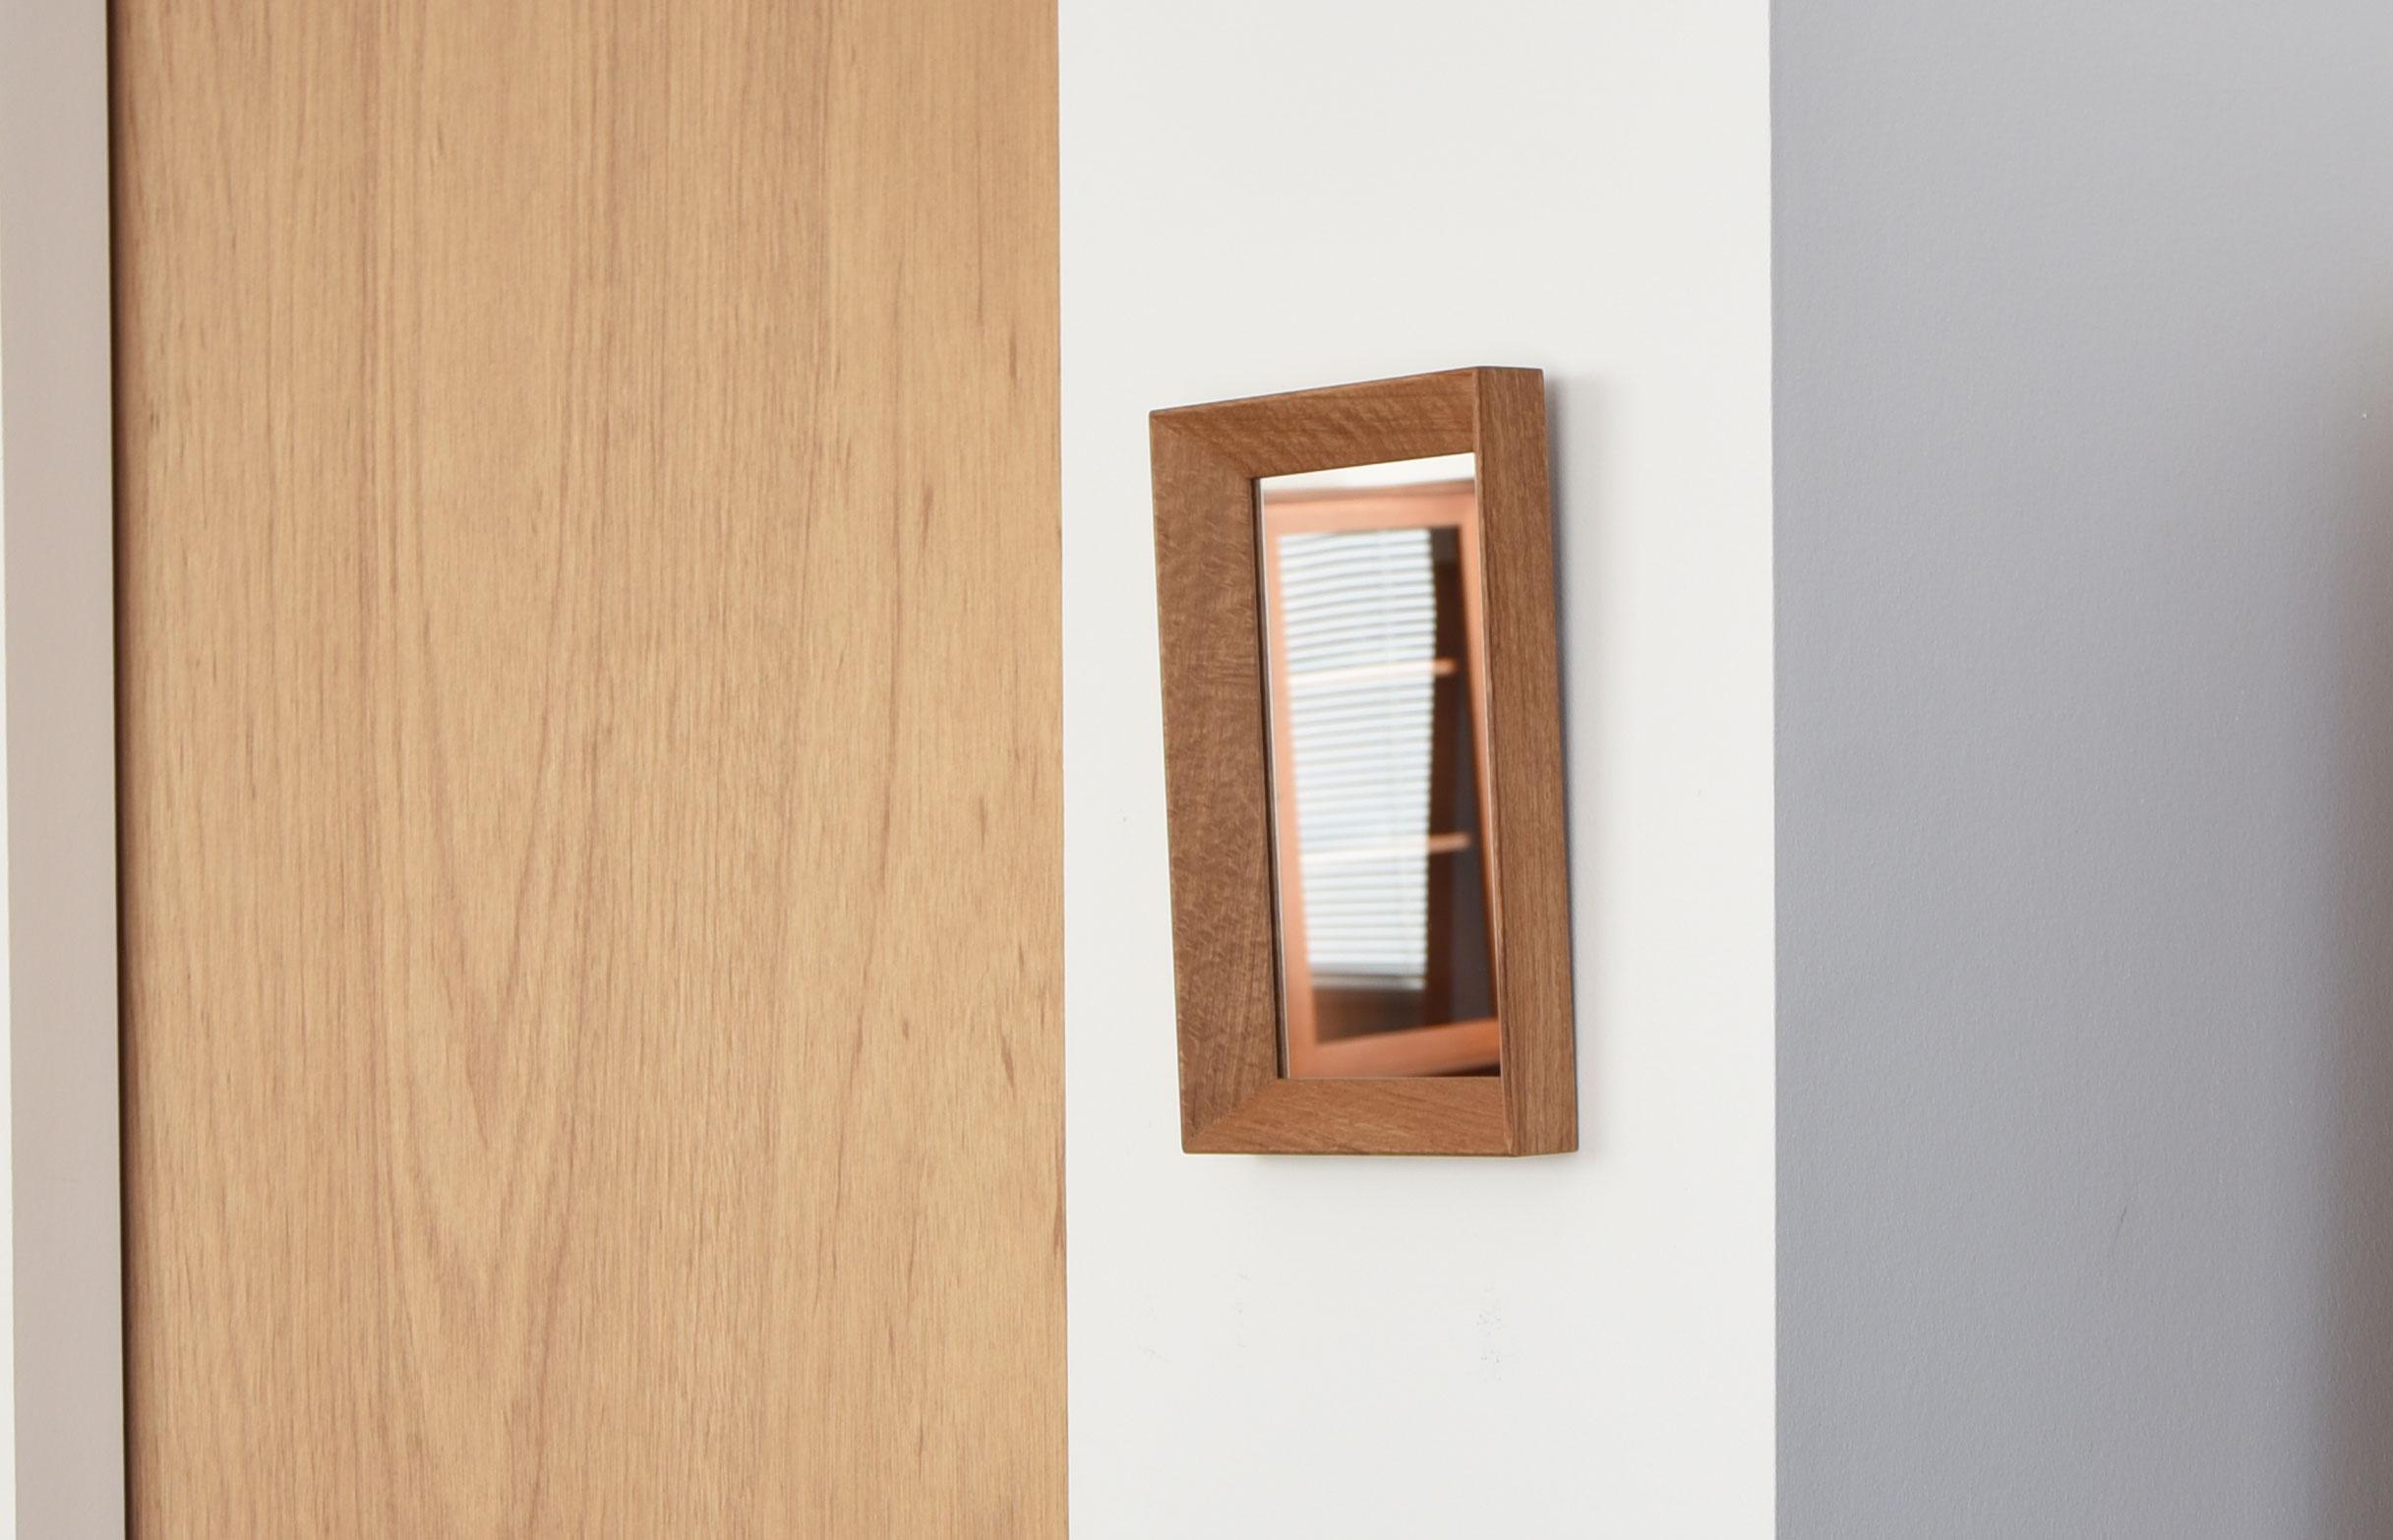 ihållande オリジナル 壁掛け鏡 ミラー